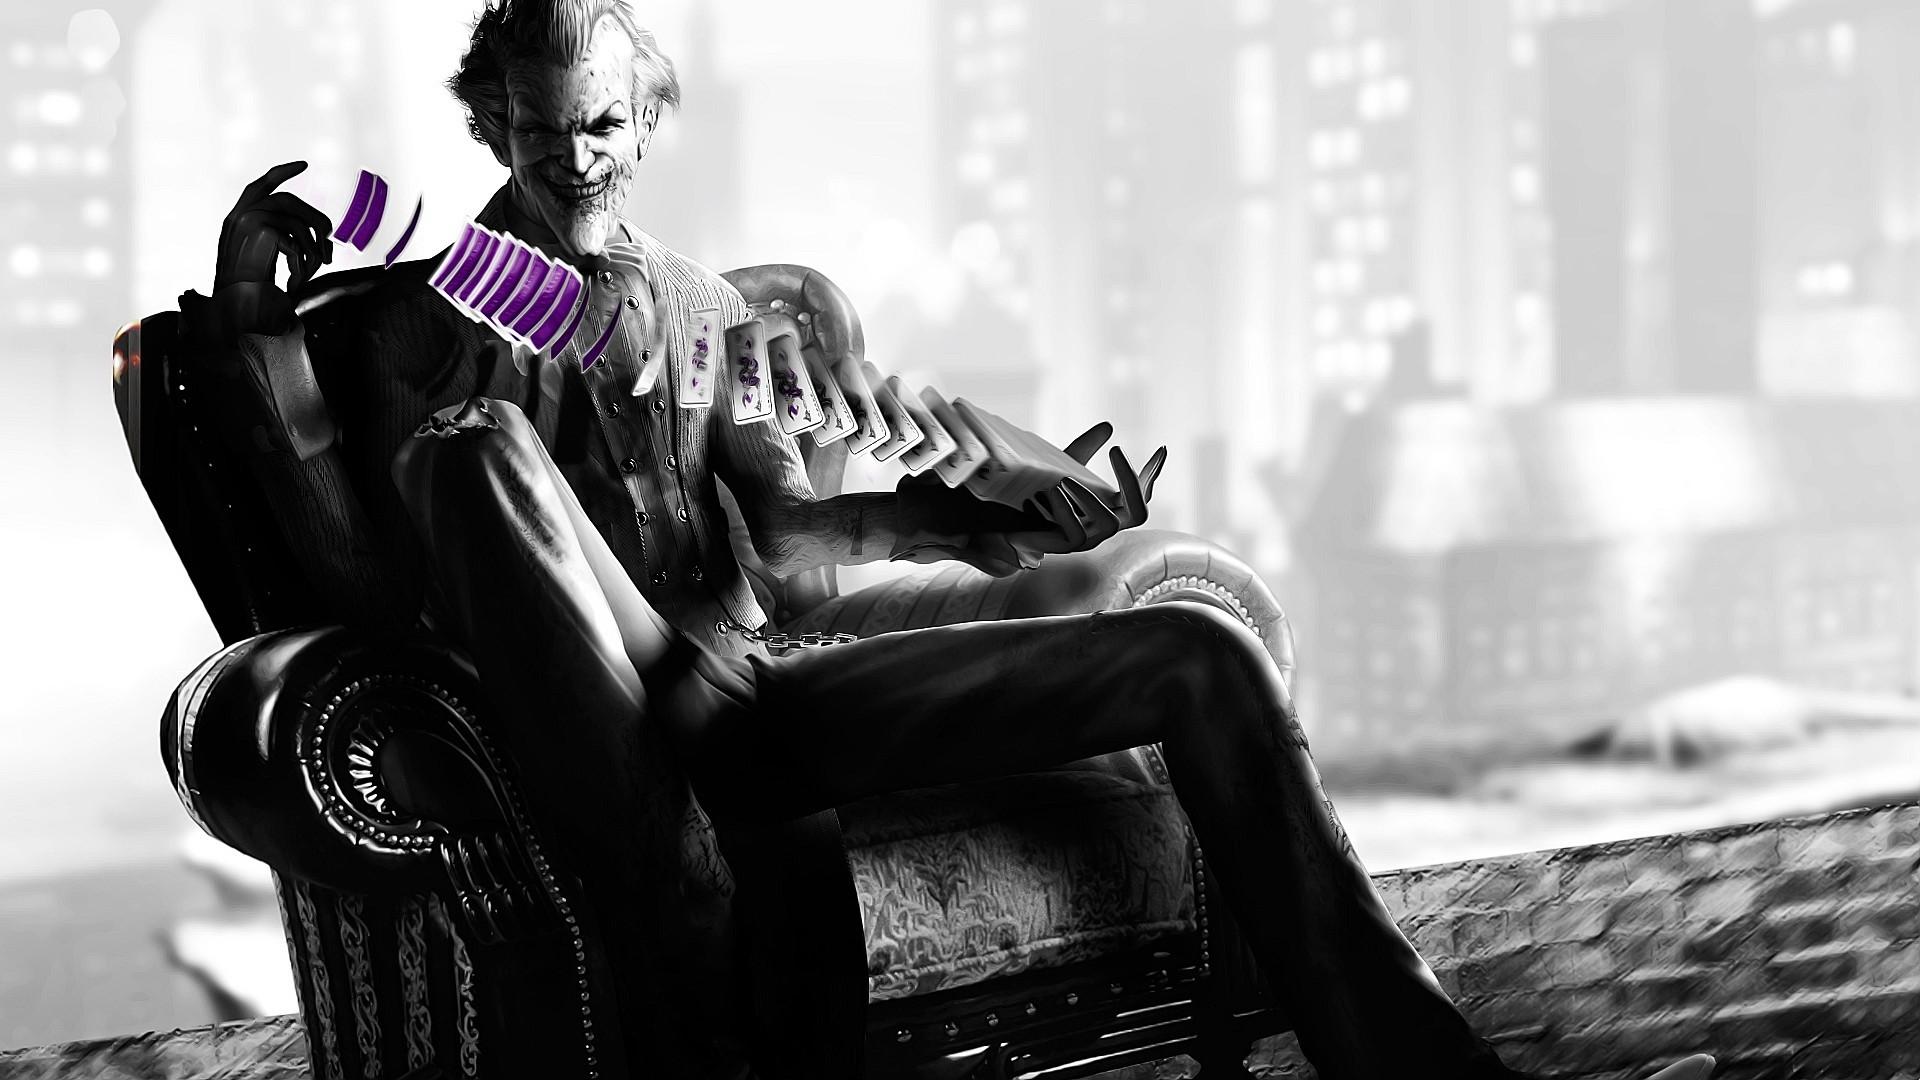 New Collection Joker Wallpaper Hd HD Joker HD Wallpapers